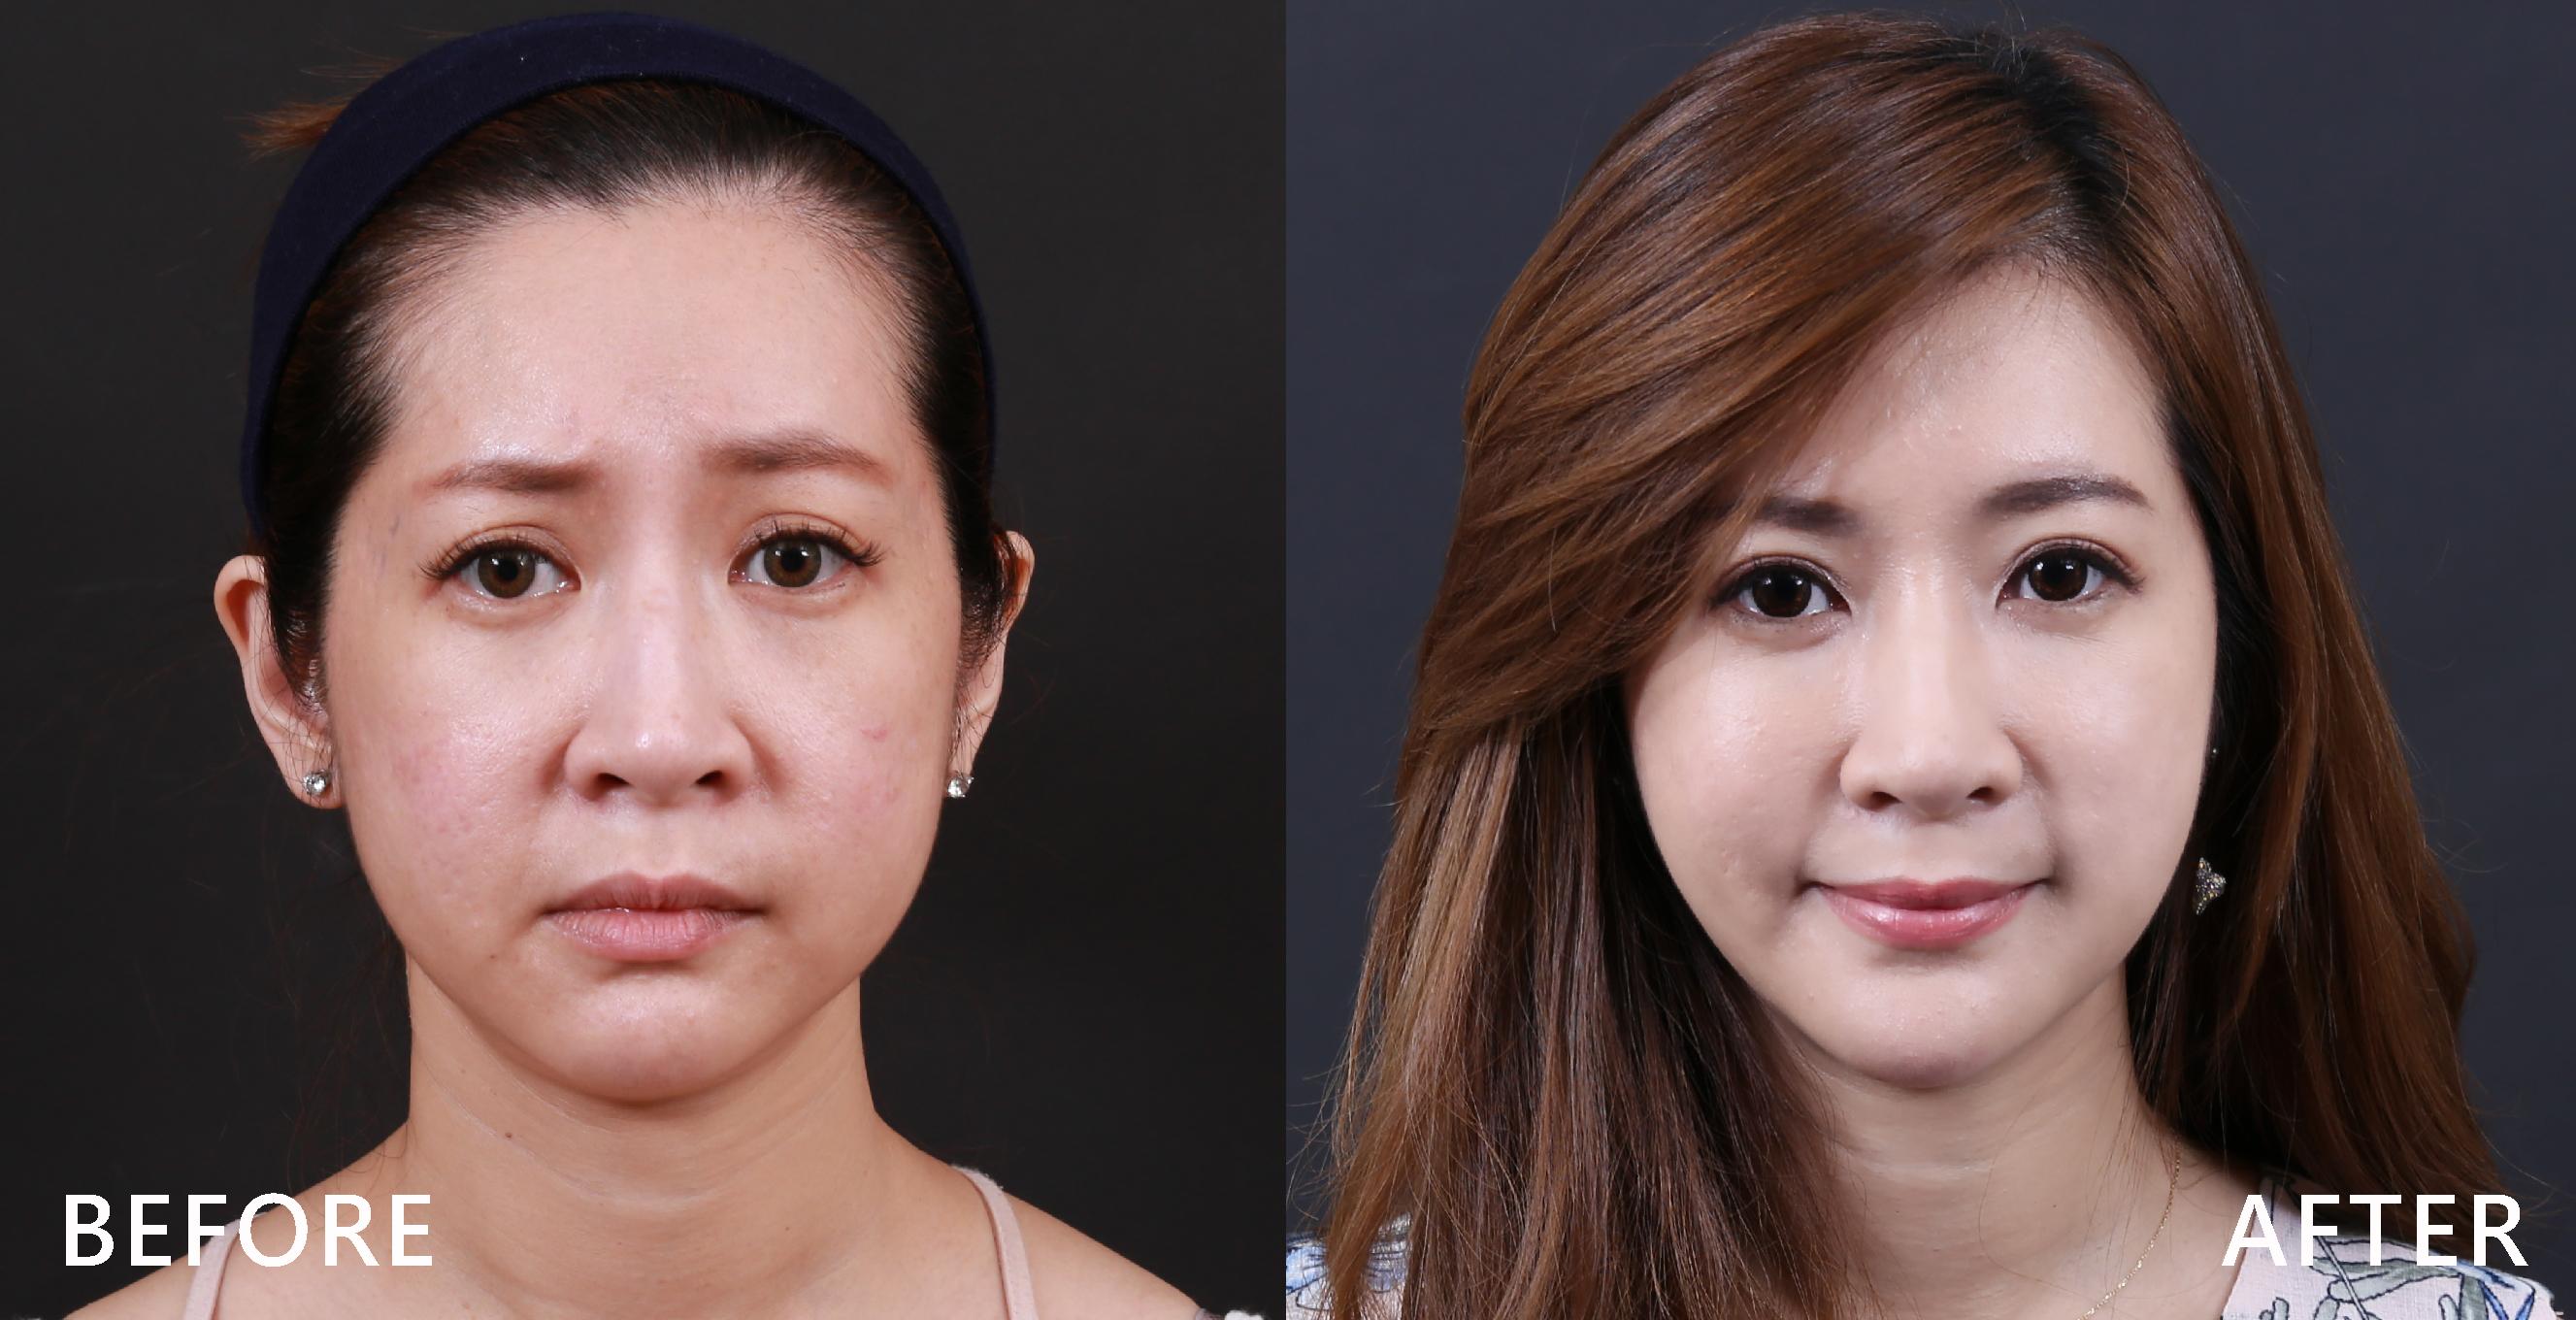 在肉毒桿菌的作用下,使臉部過度收縮的肌肉可以鬆弛,修飾臉型。(本療程施打效果因人而異)